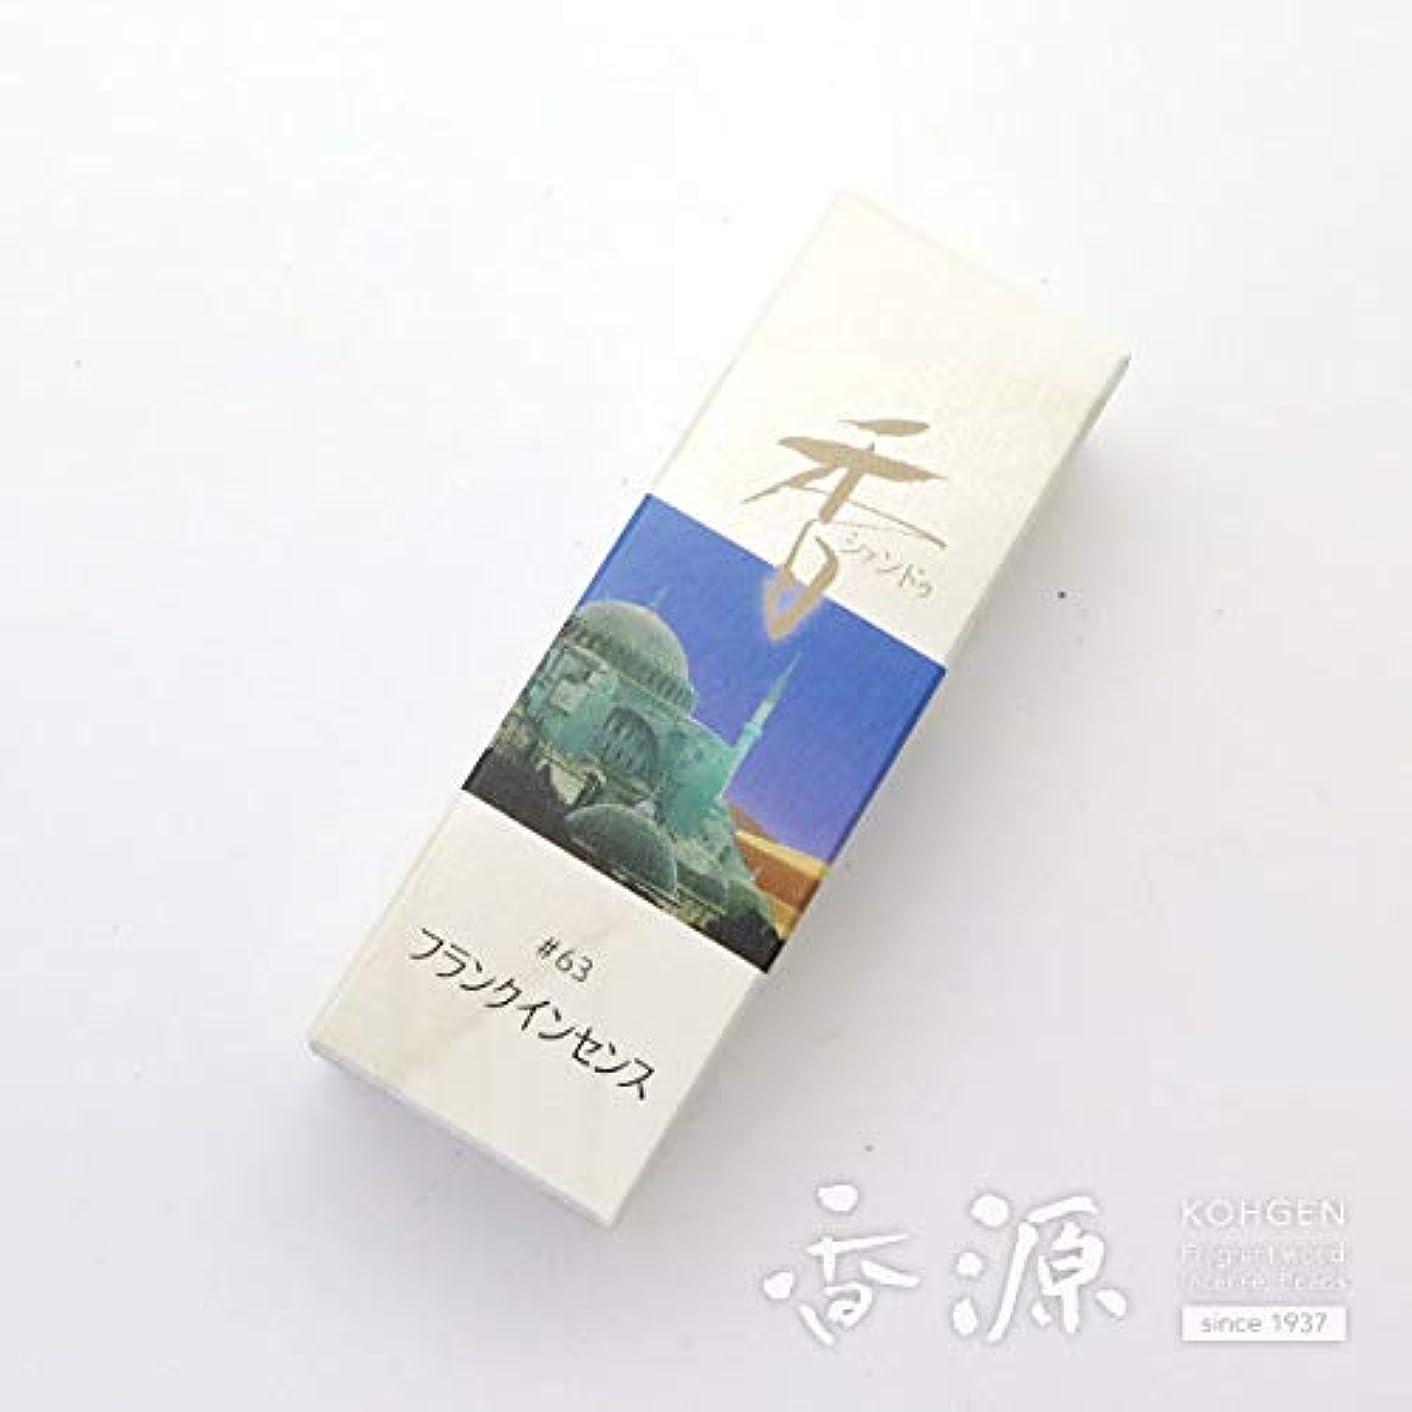 エキスゆりかごコードレスXiang Do(シャンドゥ) 松栄堂のお香 フランクインセンス ST20本入 簡易香立付 #214263